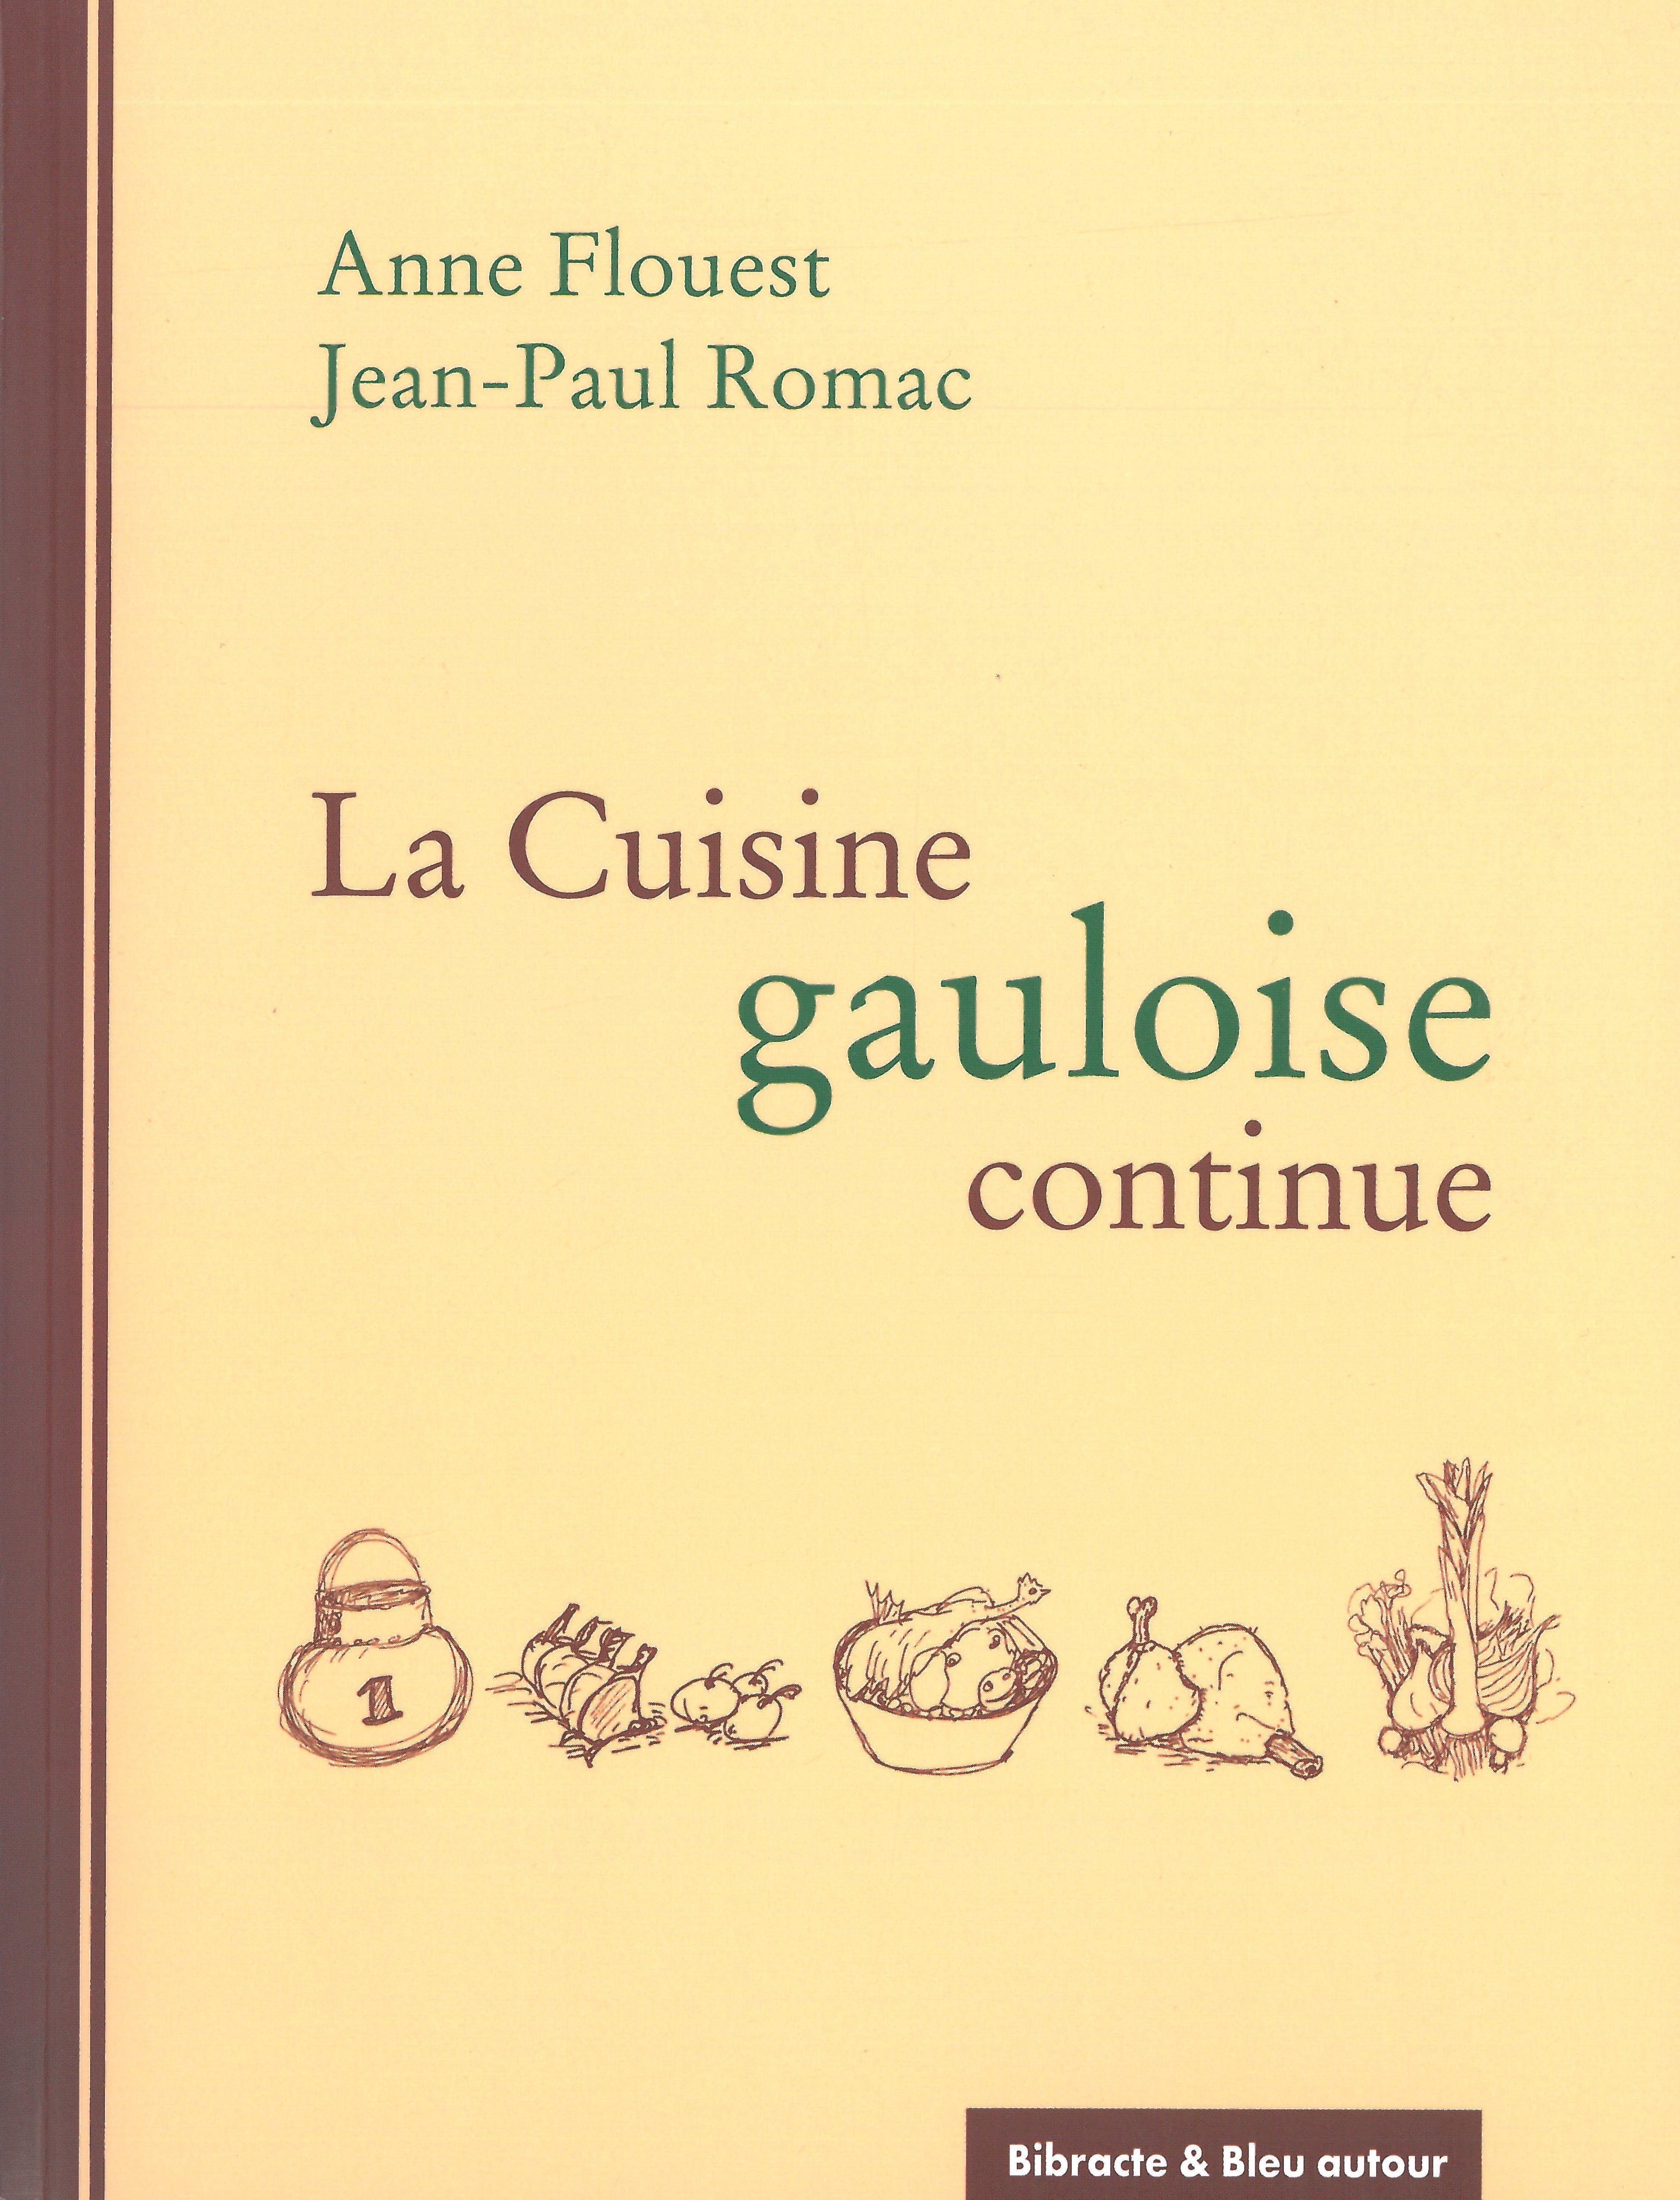 La cuisine gauloise continue